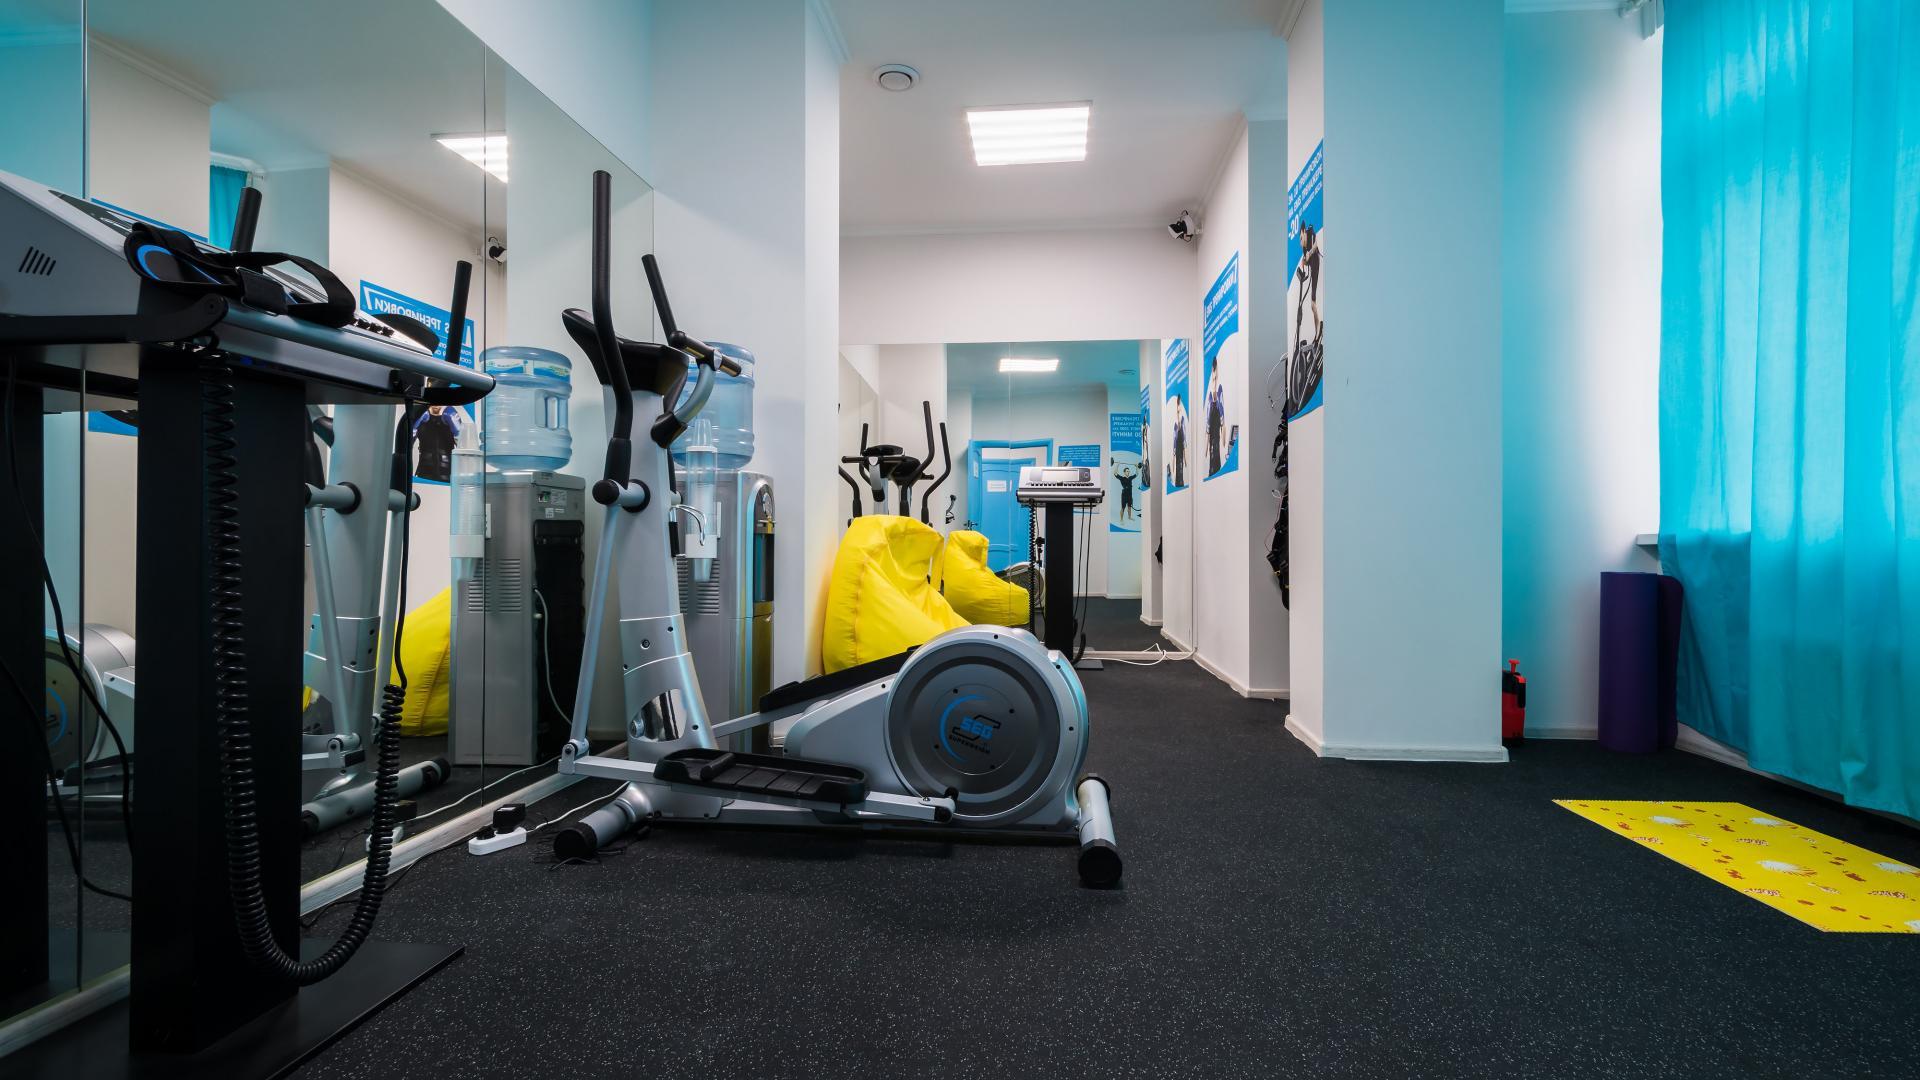 Сотрудники фитнес центра создают все условия для того, чтобы занятия спортом приносили посетителям не только пользу, но и удовольствие.